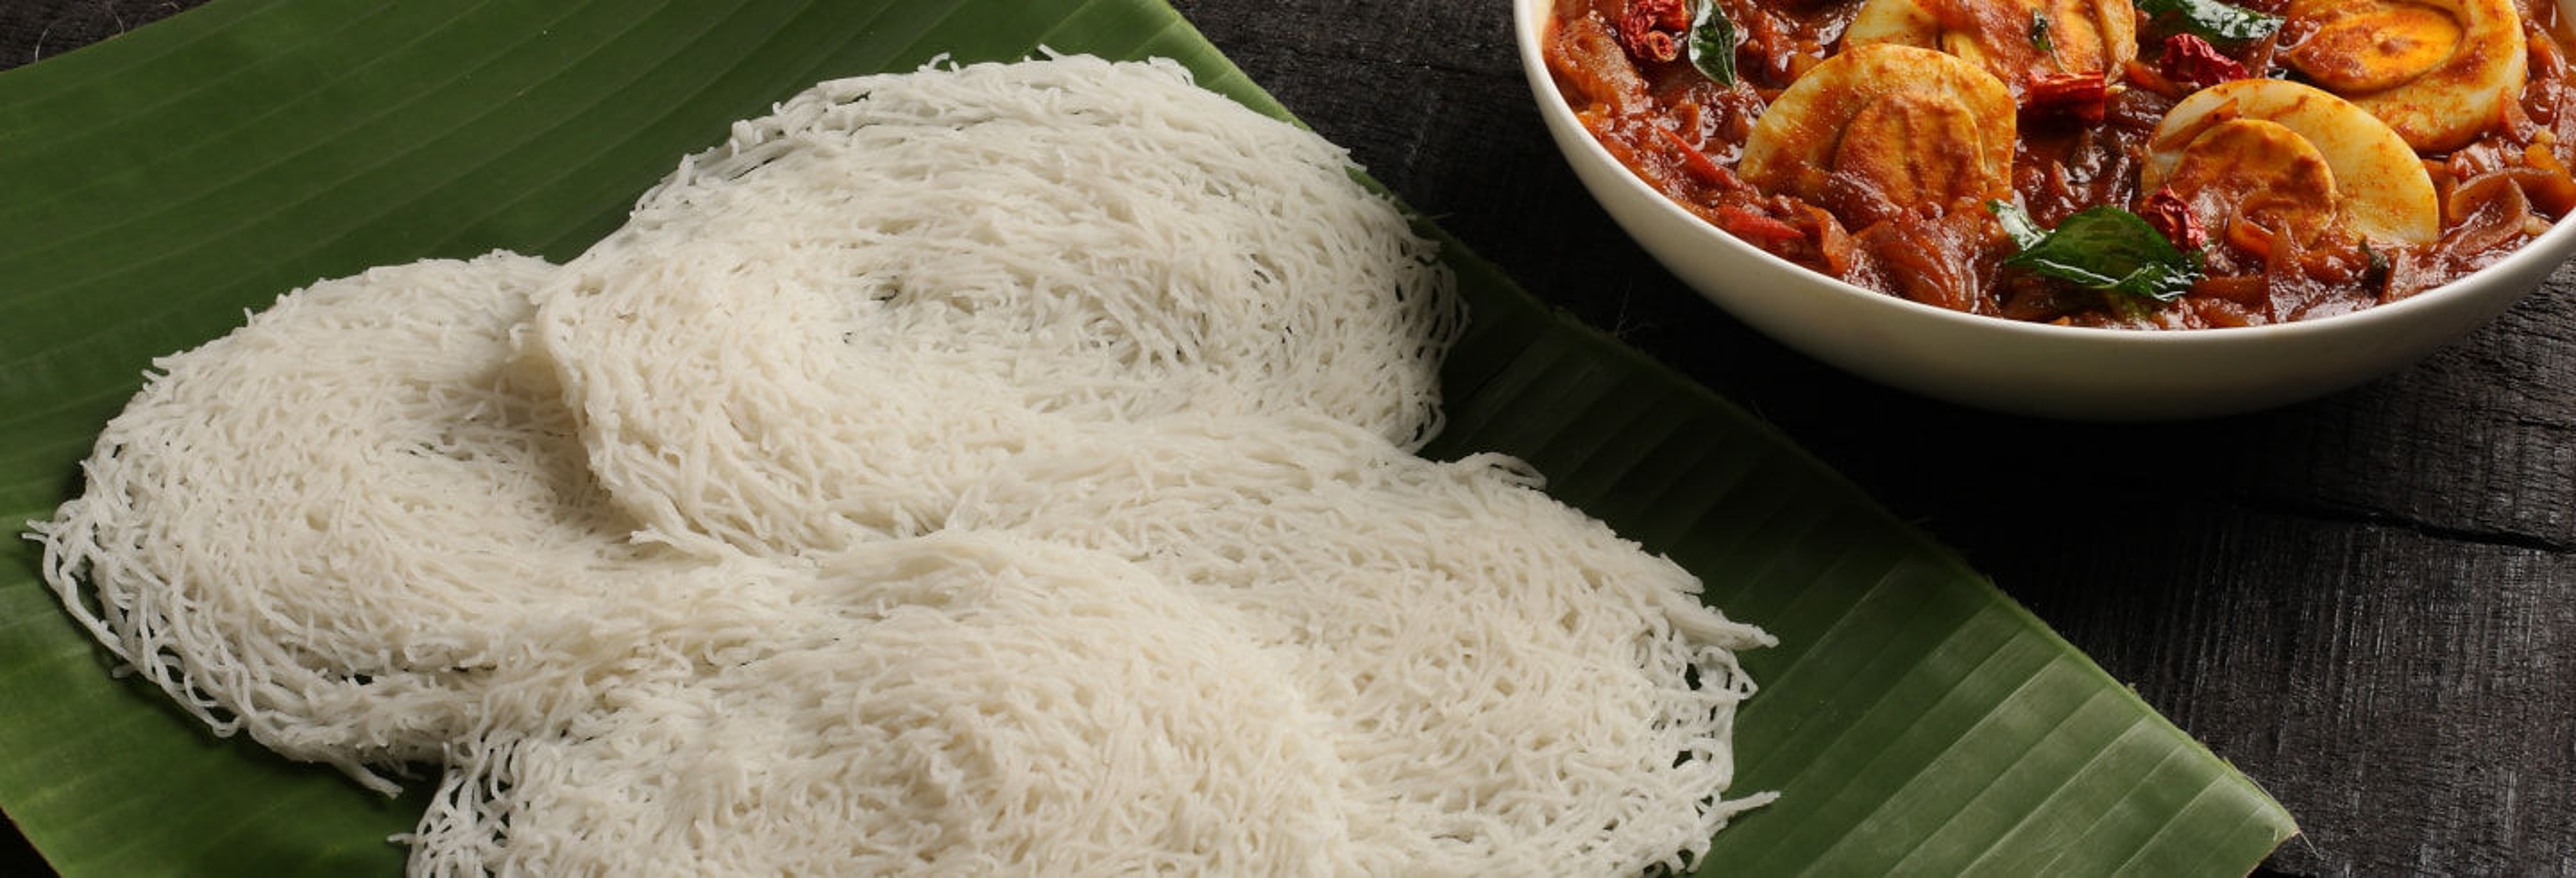 Tour de comida callejera por Trivandrum